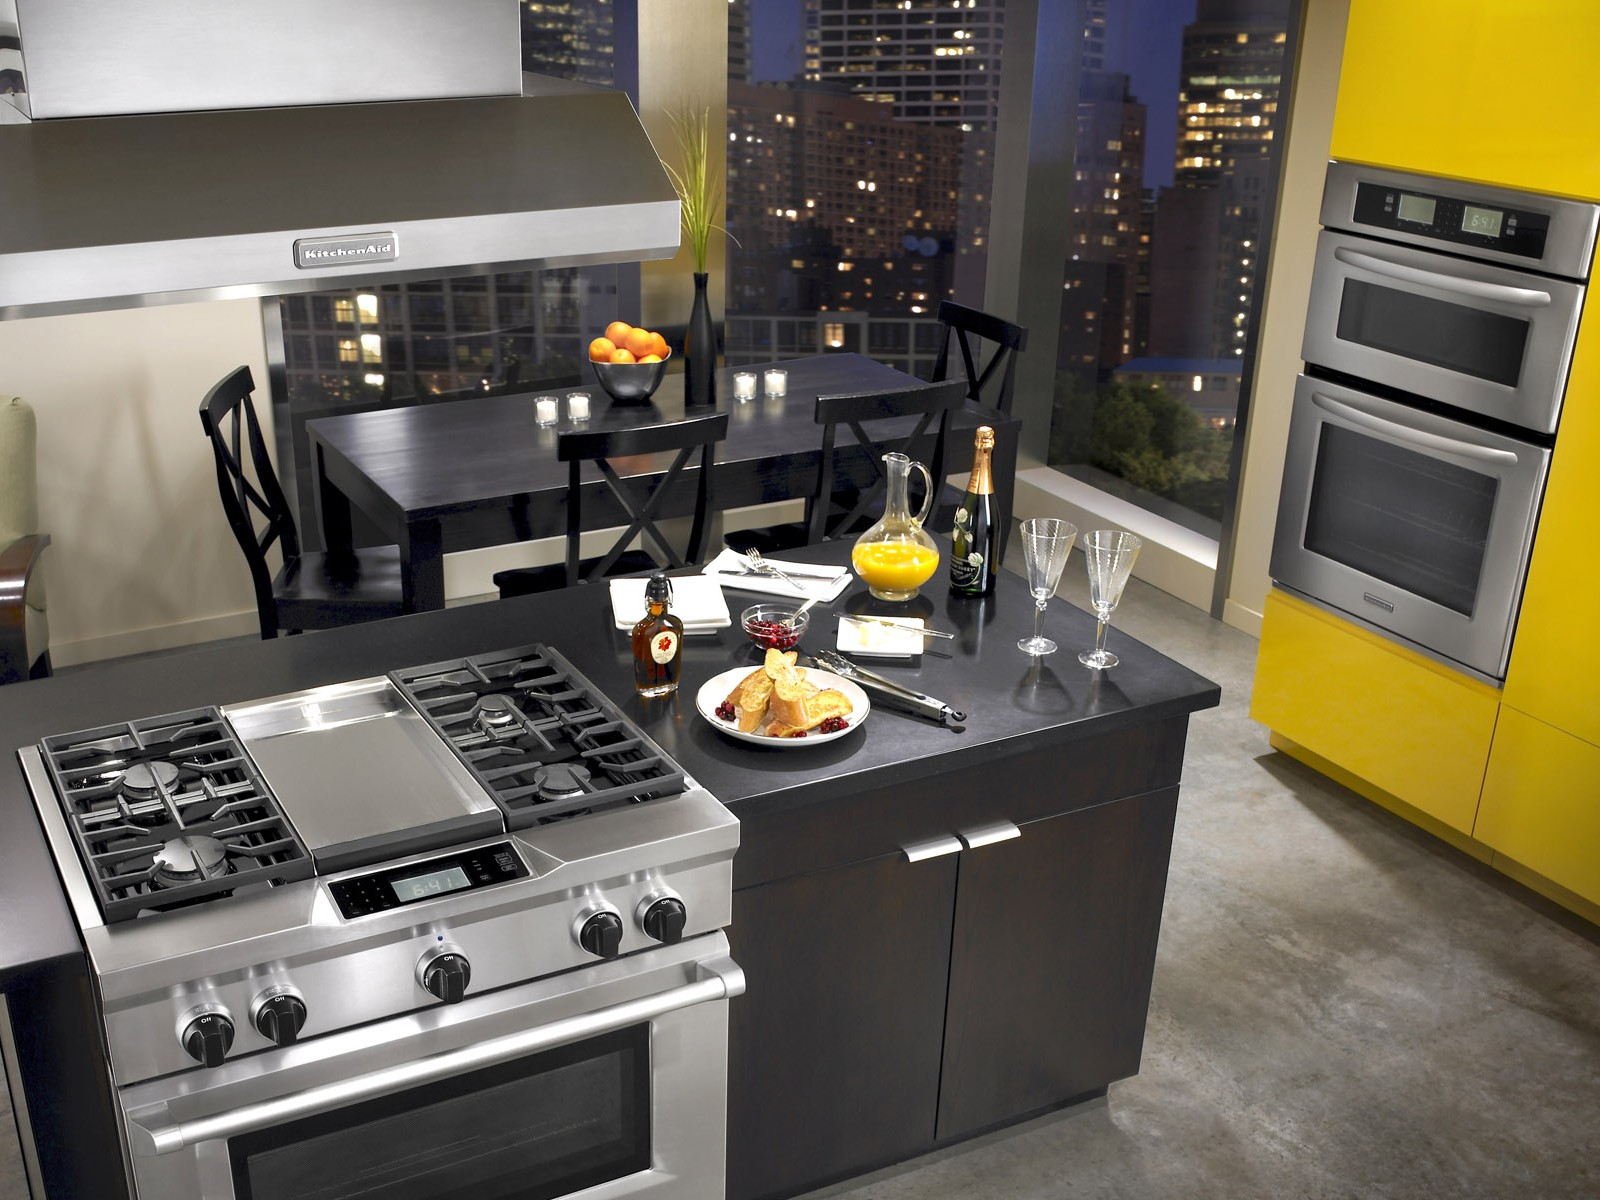 Плита в центре кухни фото